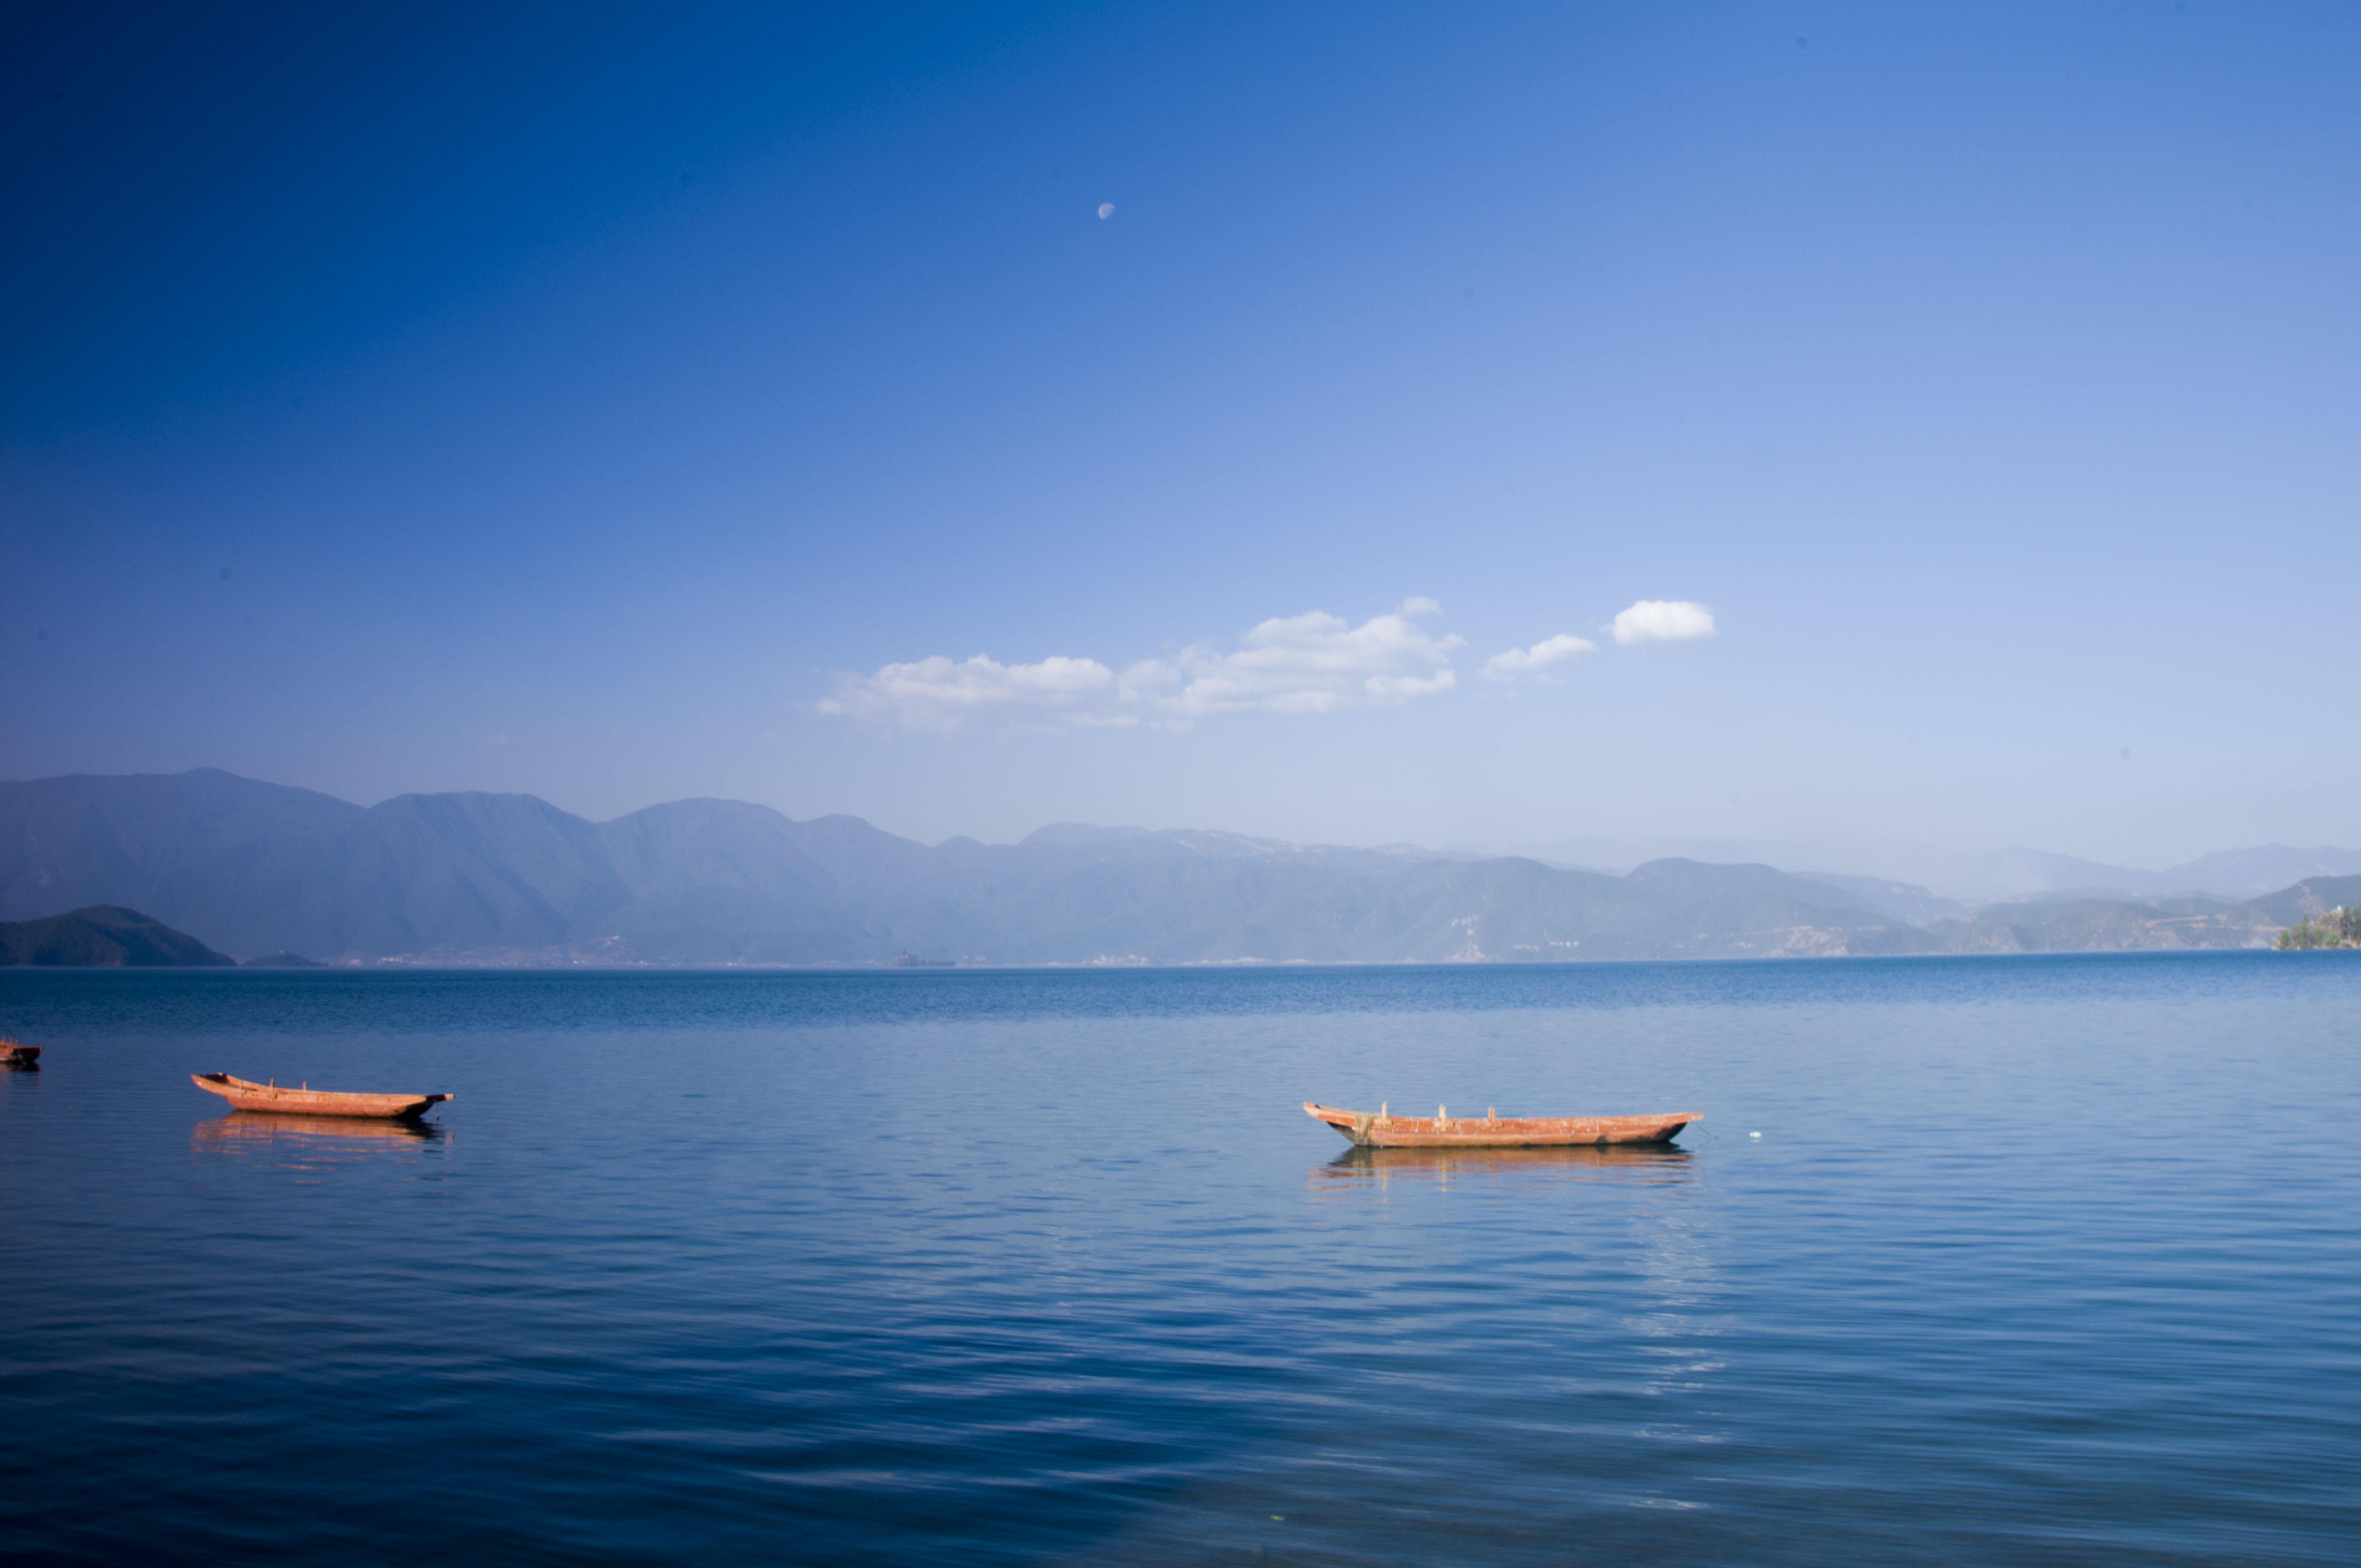 丽江泸沽湖图片大全_丽江泸沽湖风景图_老照片_摄影